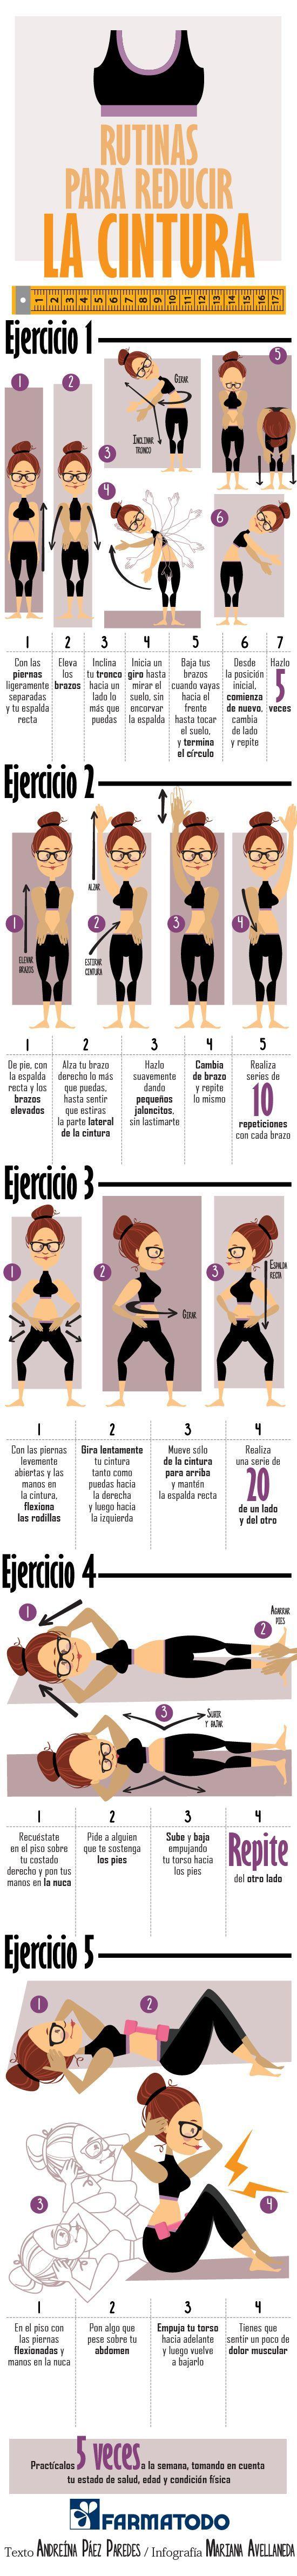 Esta rutina te ayudará a reducir tu cintura. ¡Sigue los pasos!: